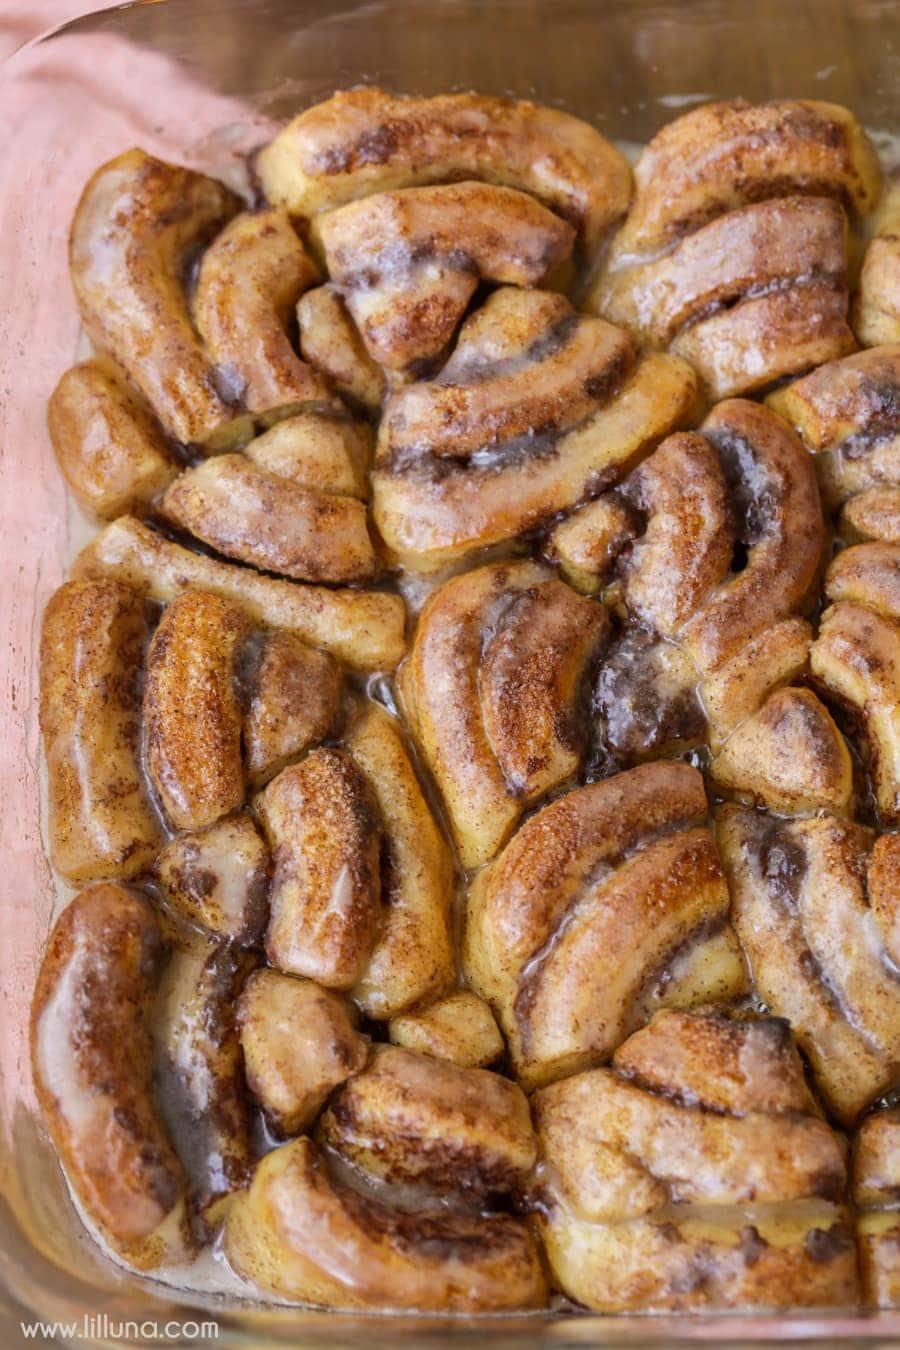 Pumpkin Cinnamon Roll Bites - delicious cinnamon sugar bites covered in pumpkin spice and a delicious glaze.